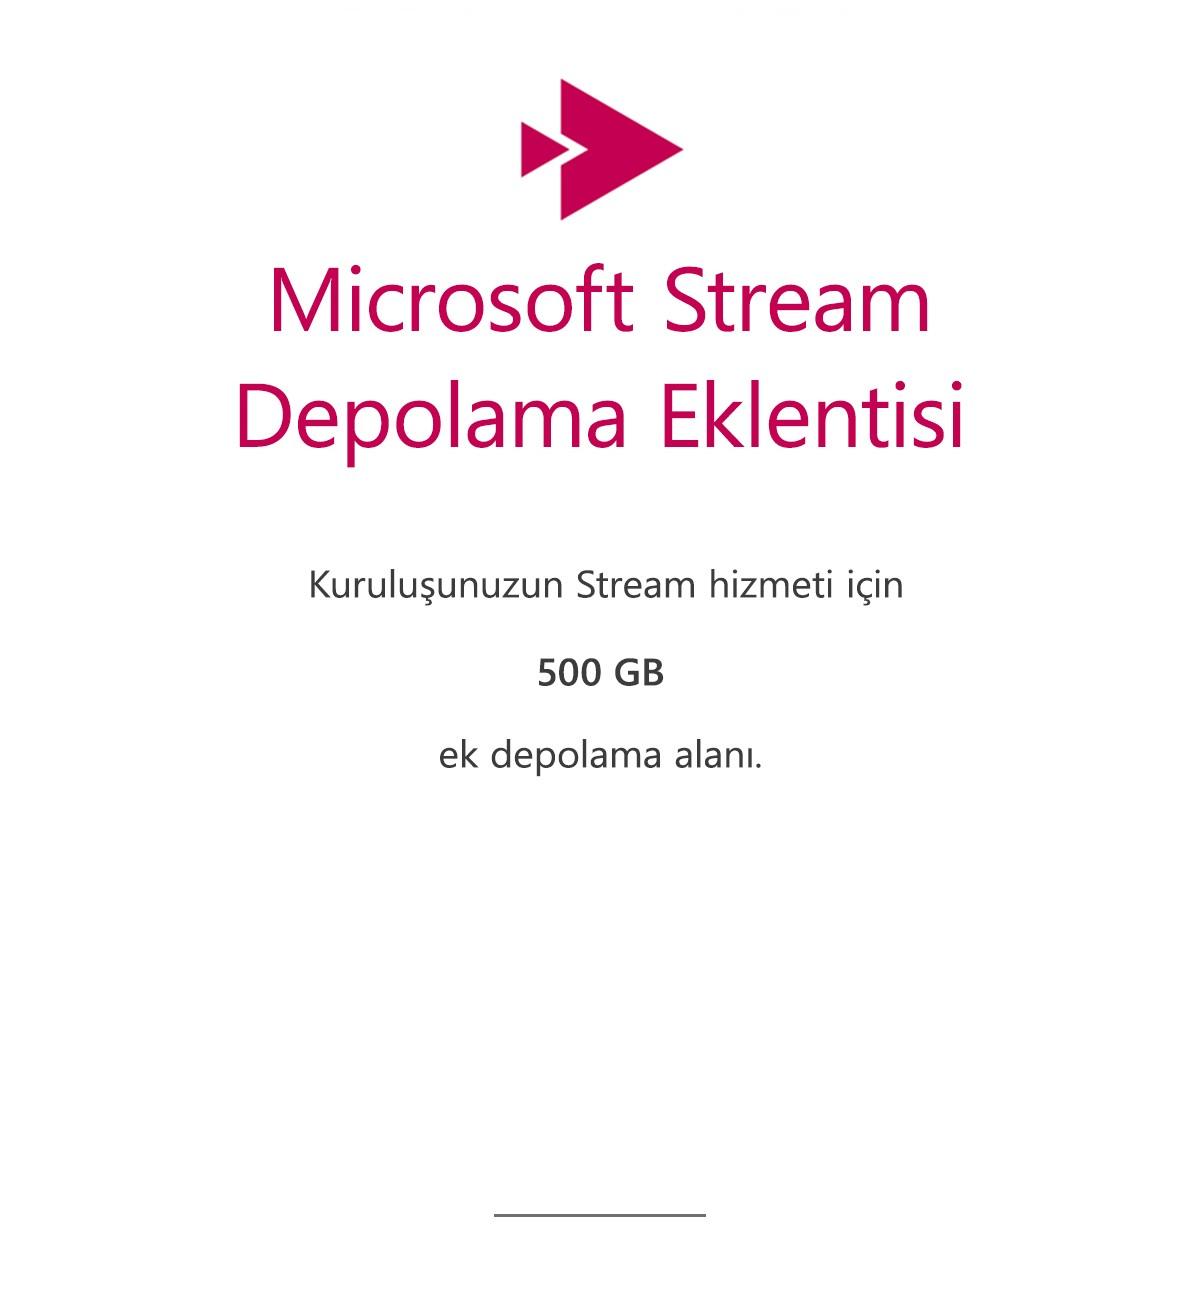 Microsoft Stream Depolama Eklentisi - 500 GB